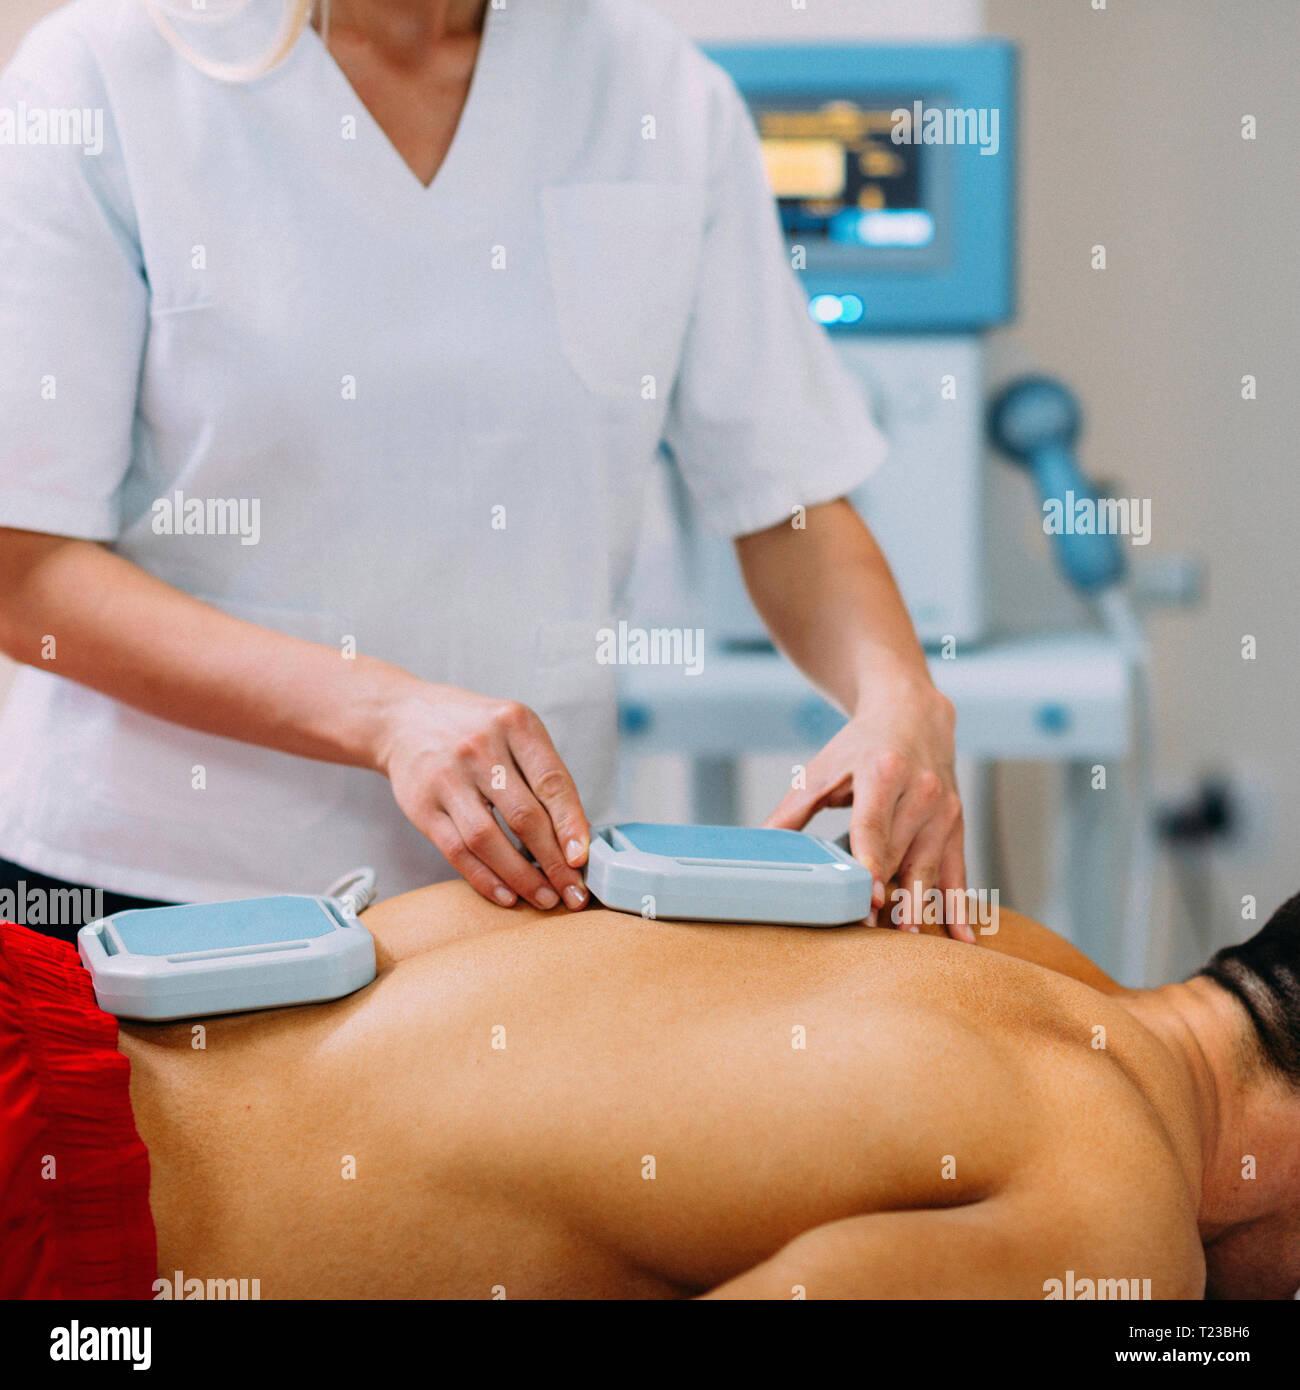 Magnettherapie. Physiotherapeuten Platzierung von Magneten auf Patienten zurück. Stockfoto